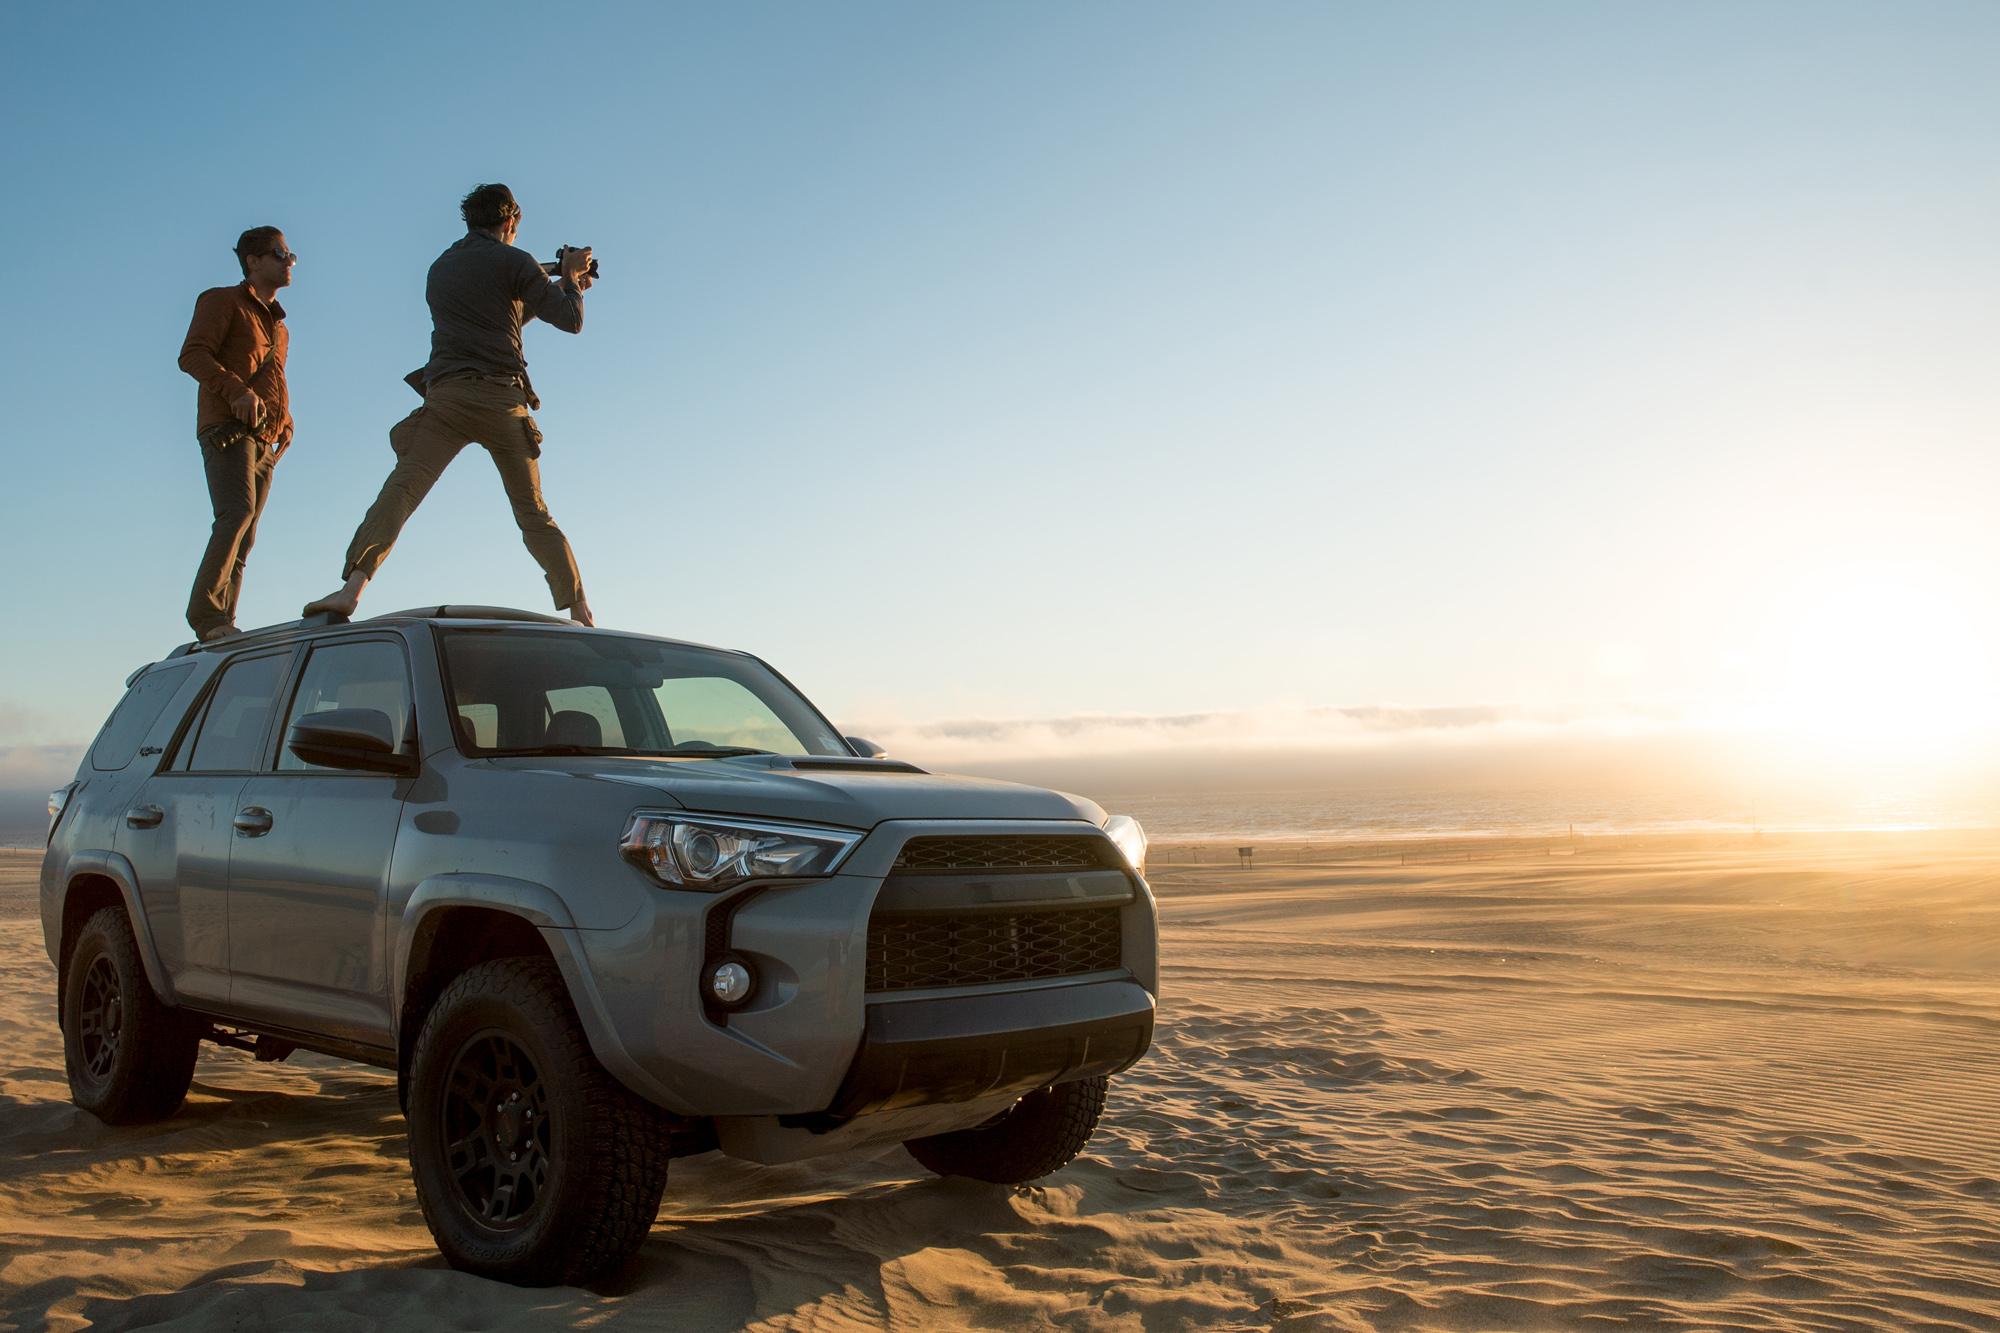 Standing on vehicle filming in Australian desert